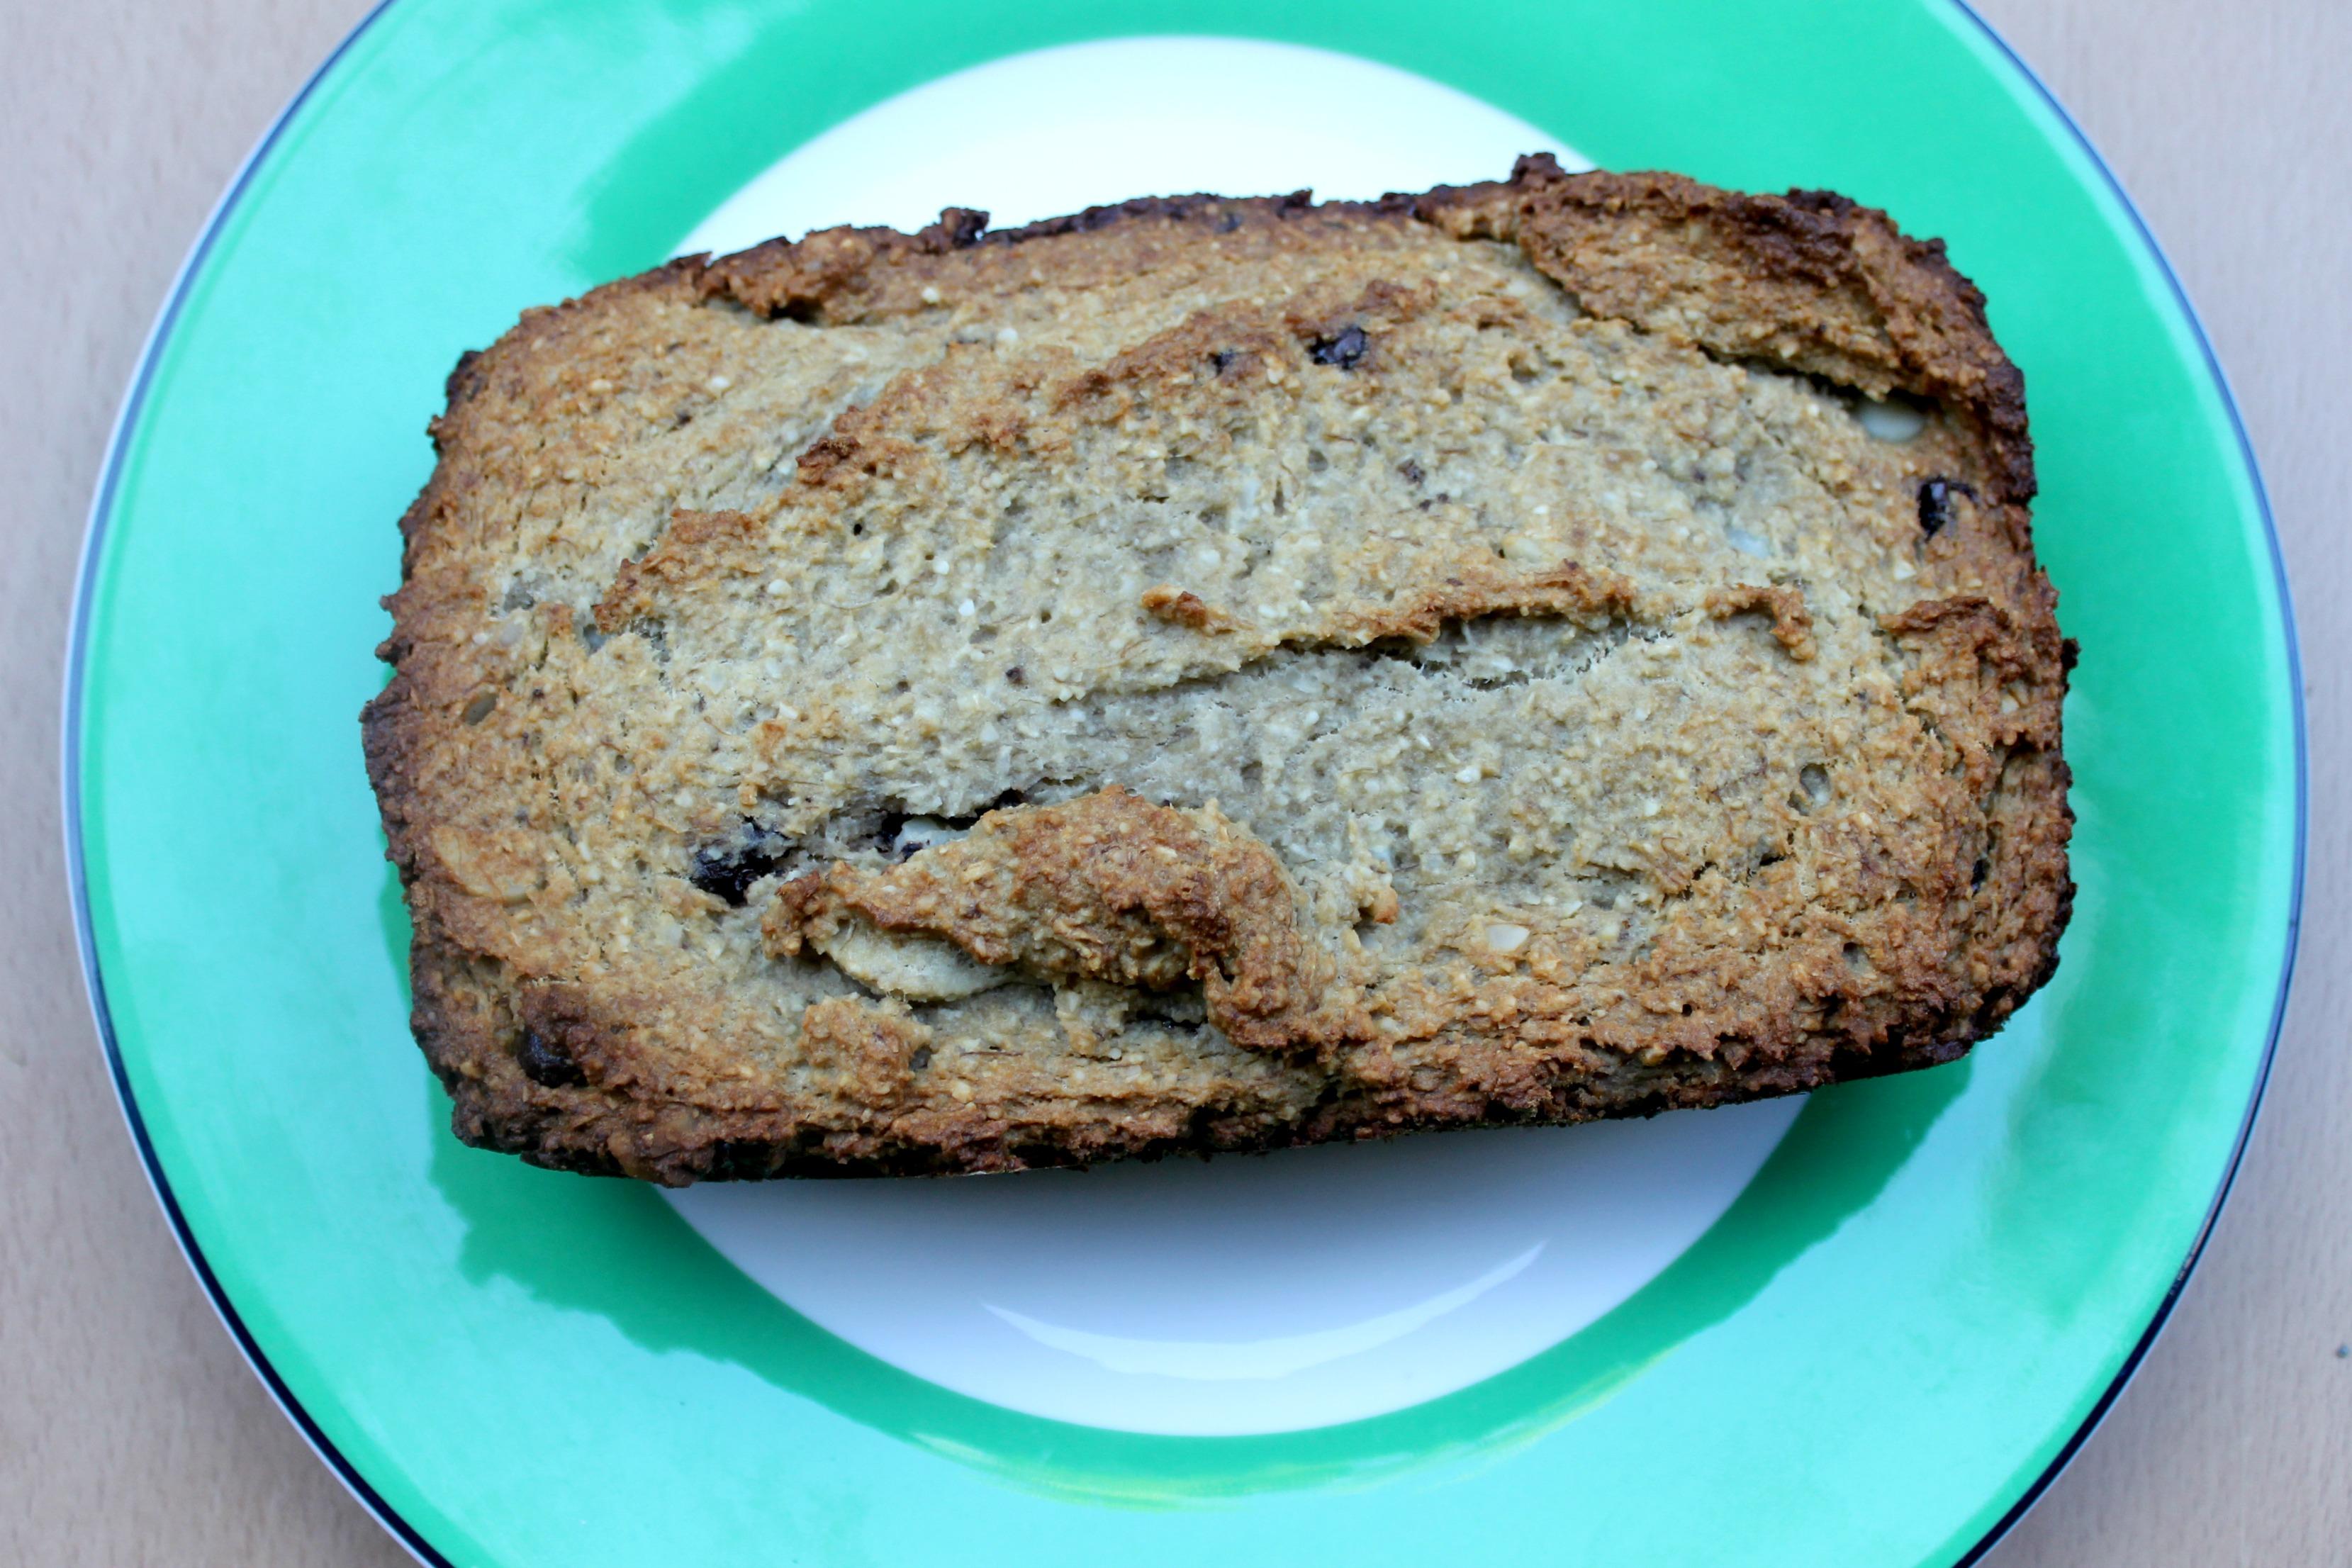 grain free banana macadamia nut bread